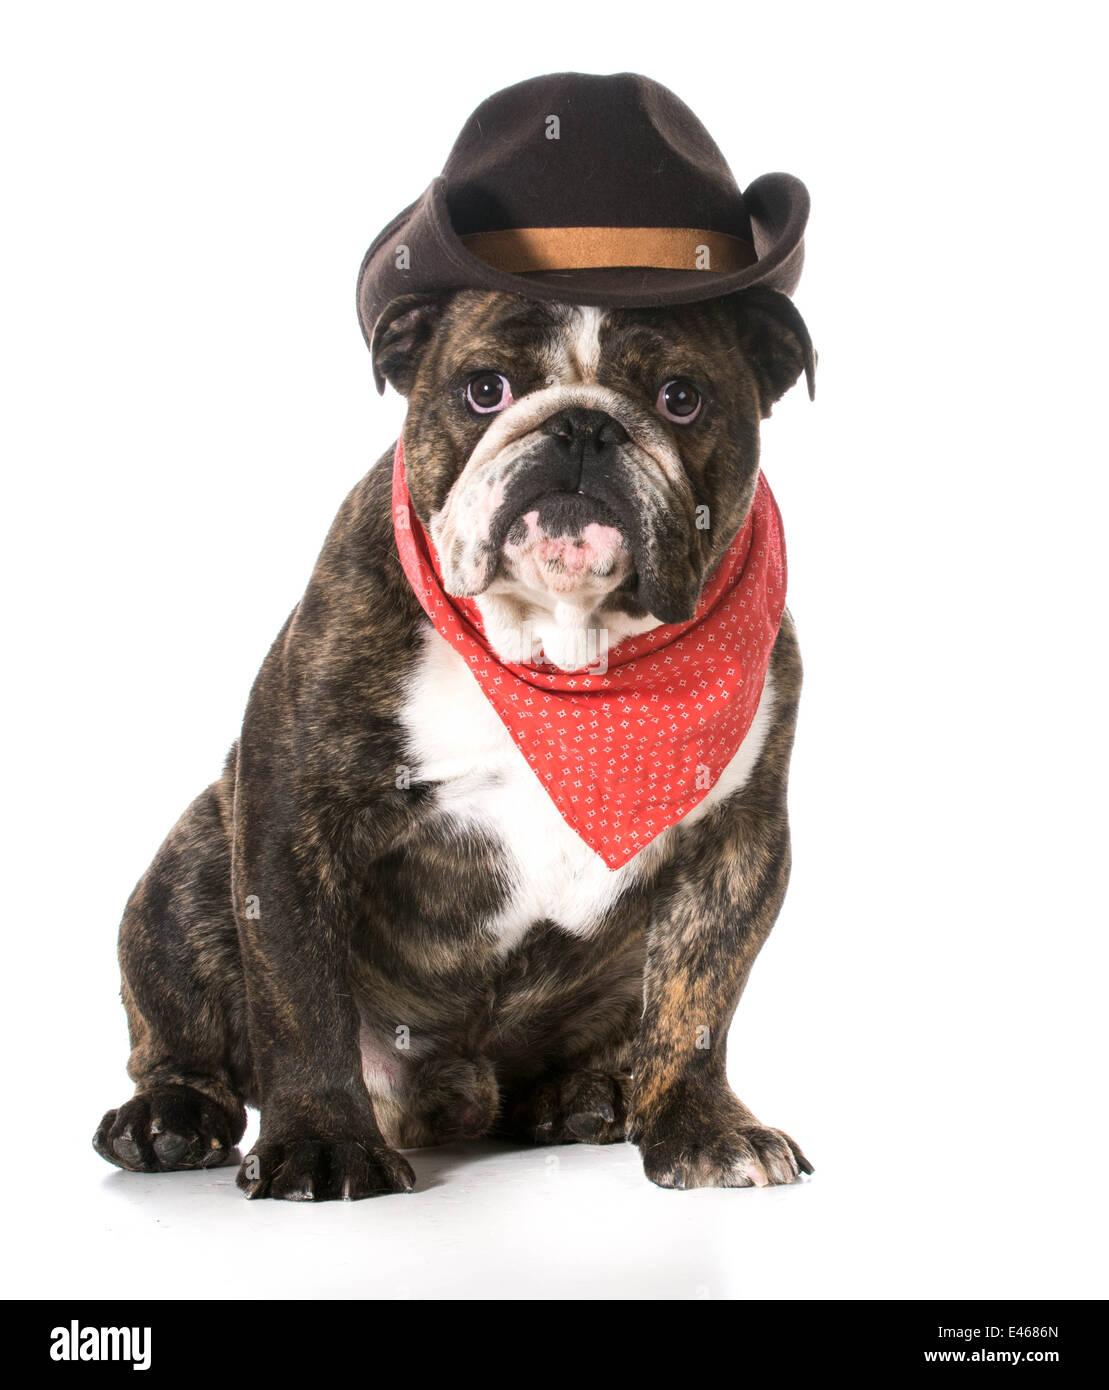 Paese cane - Bulldog inglese indossa red bandana e cappello da cowboy su  sfondo bianco Immagini 979271269877